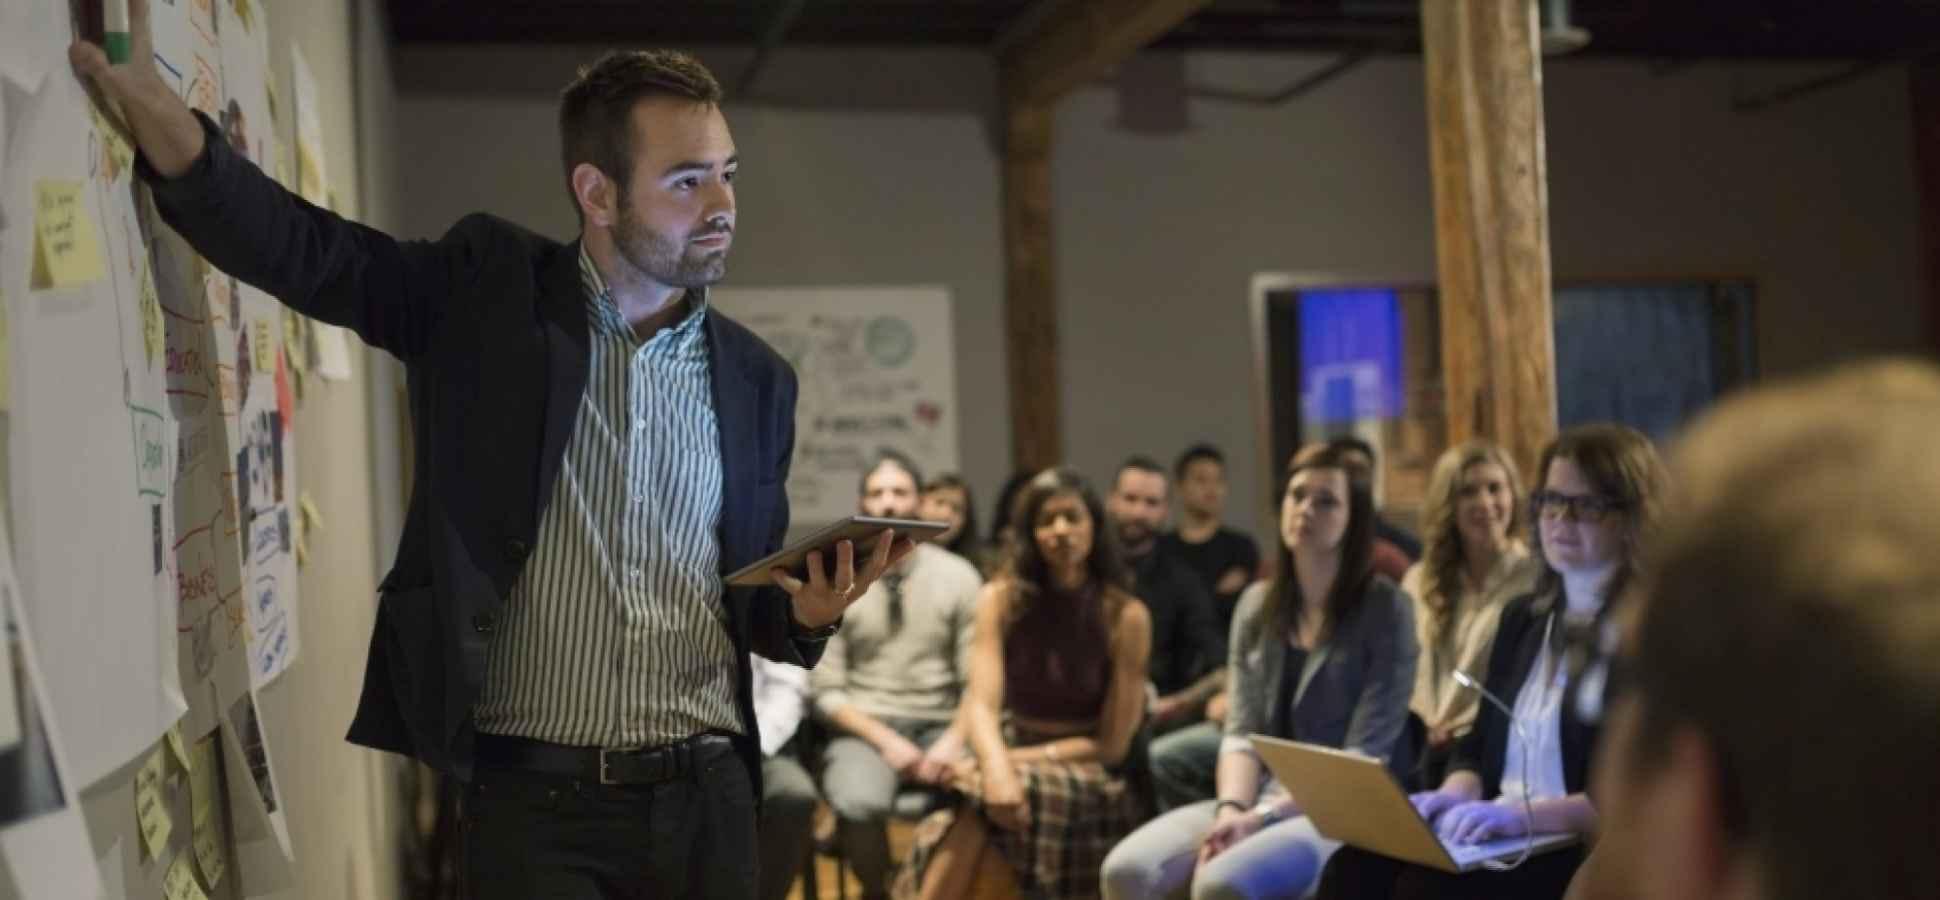 10 Presentation Tricks to Keep Your Audience Awake